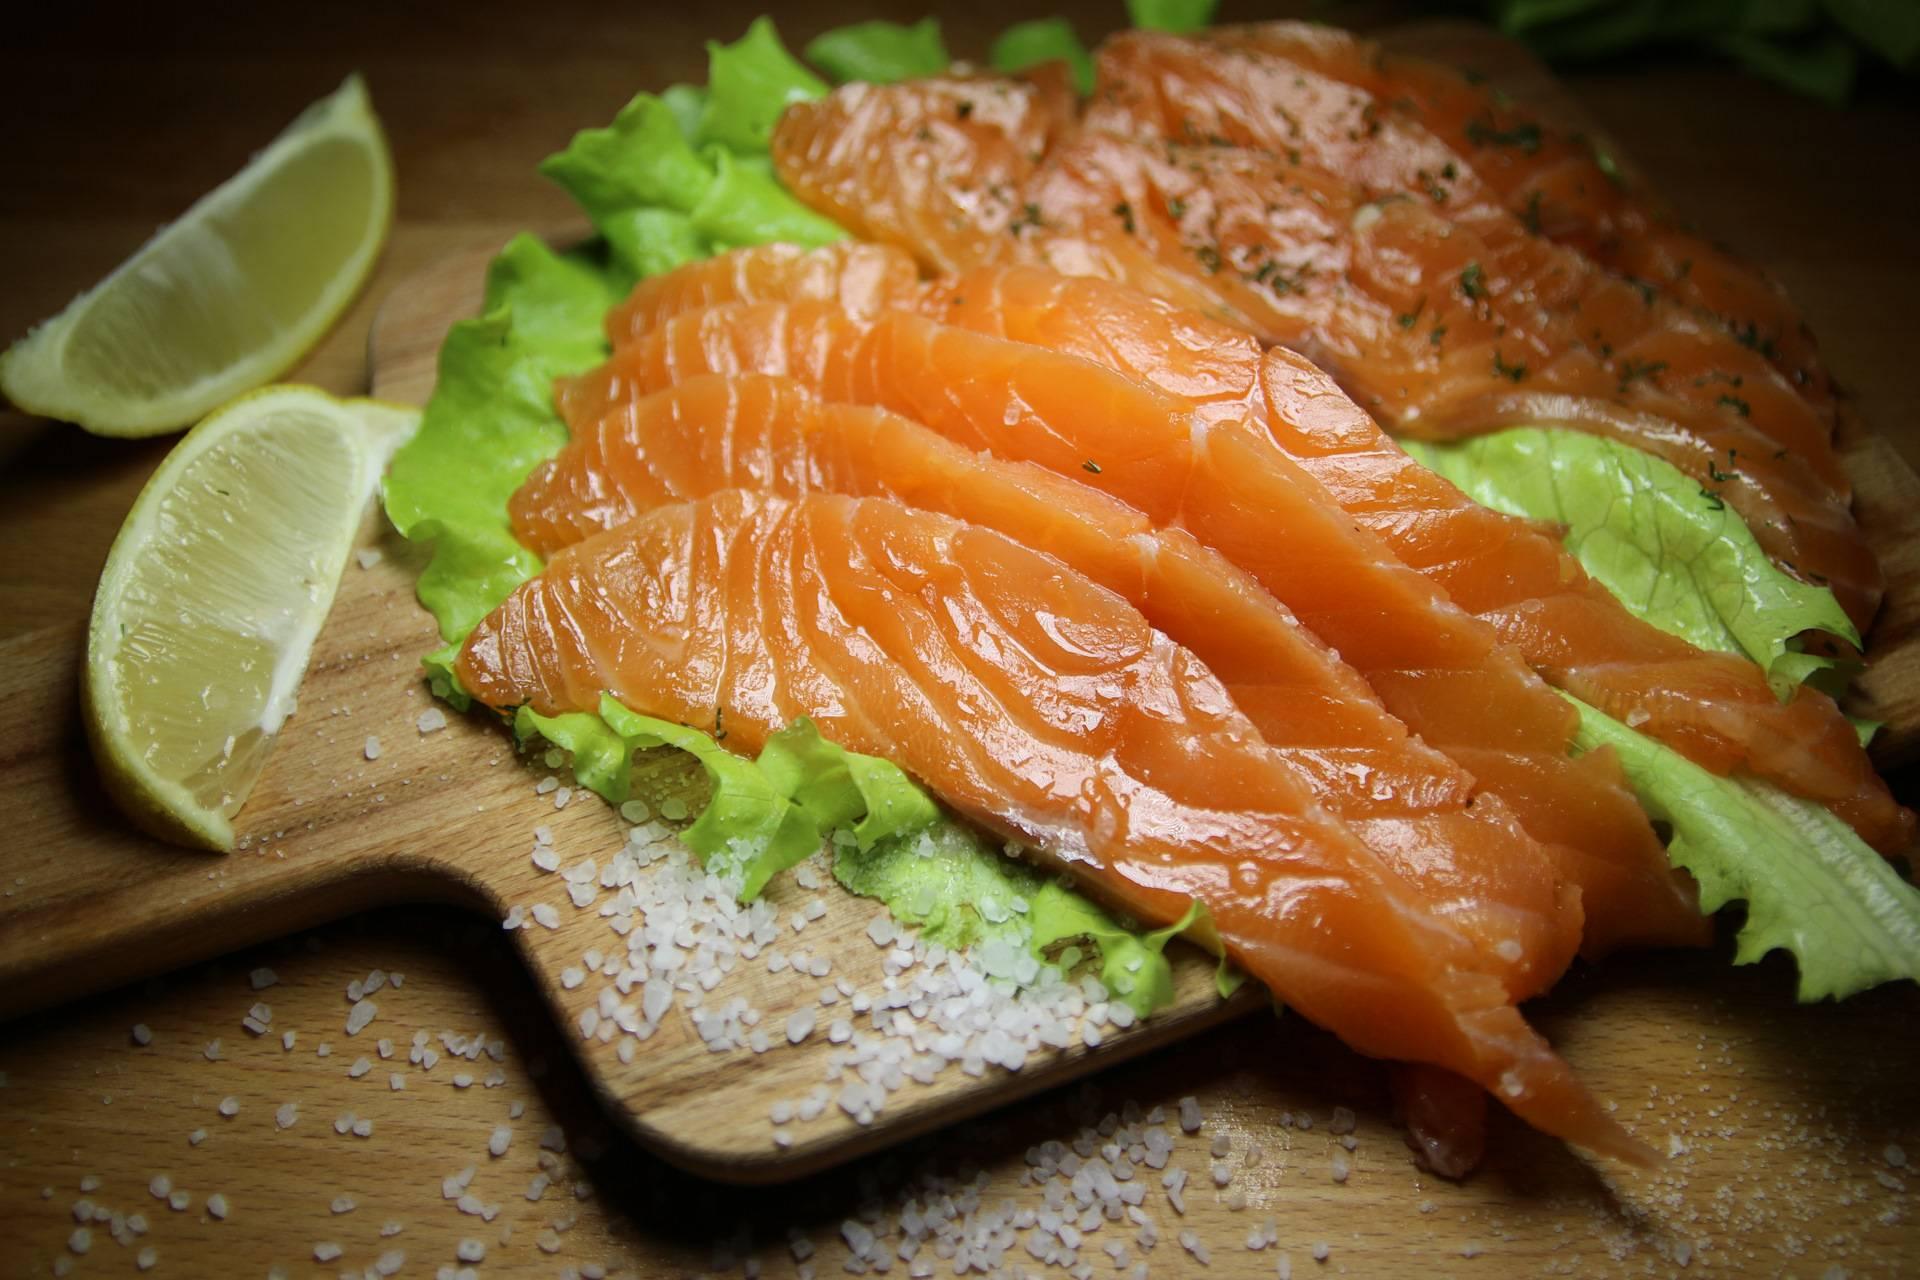 Можно ли беременным семгу слабосоленую, сушеную и вяленую красную рыбу – форель, горбушу, лосось? - о медицине